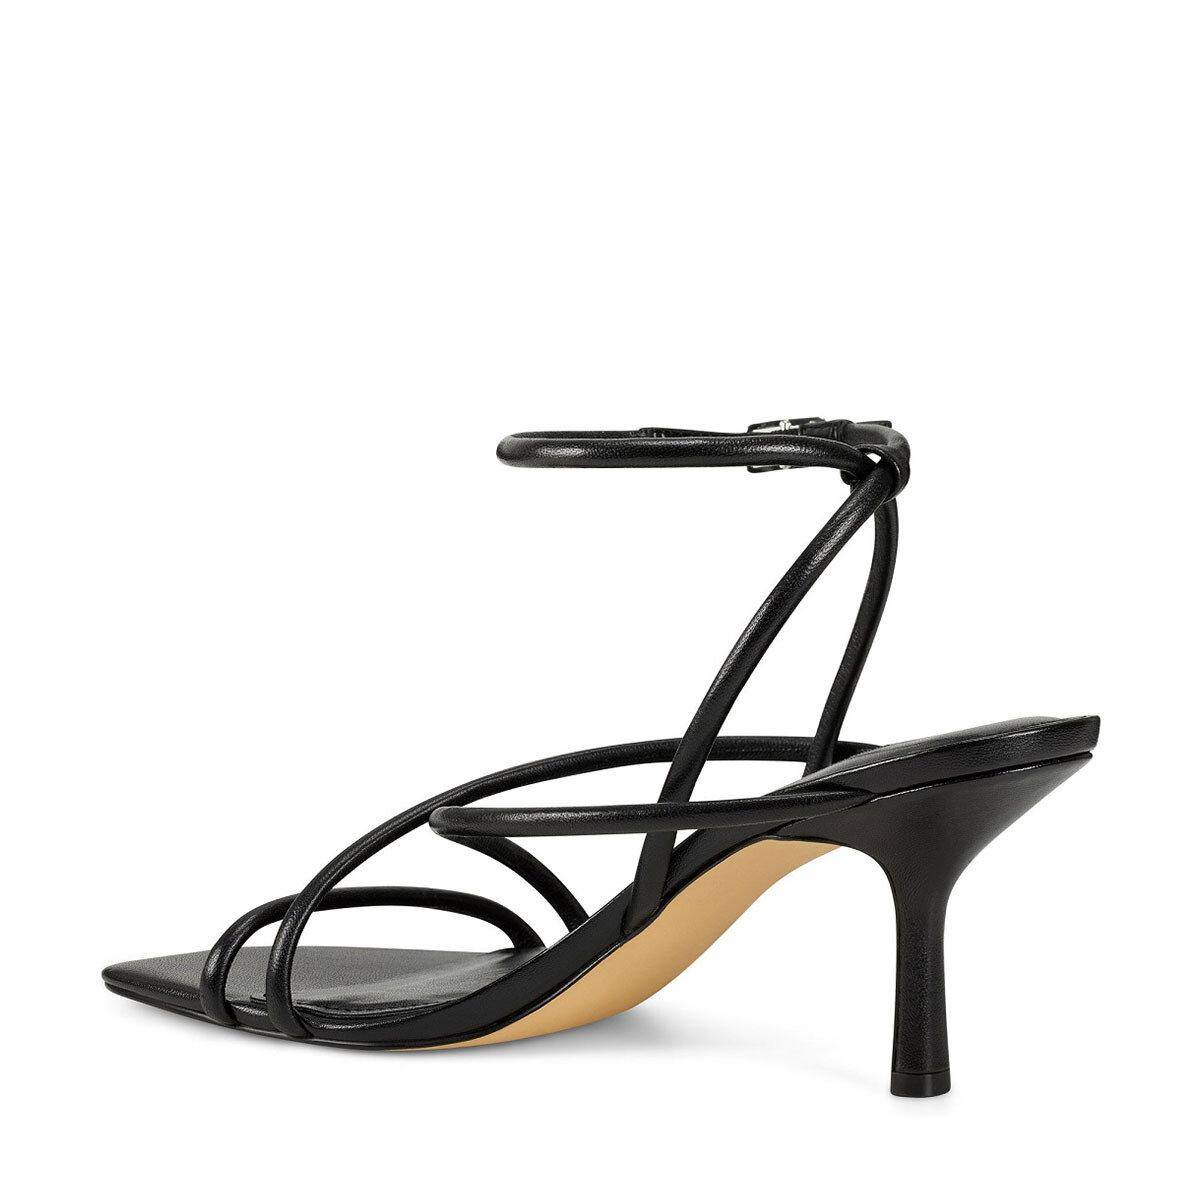 NOLAN3 Siyah Kadın Topuklu Sandalet